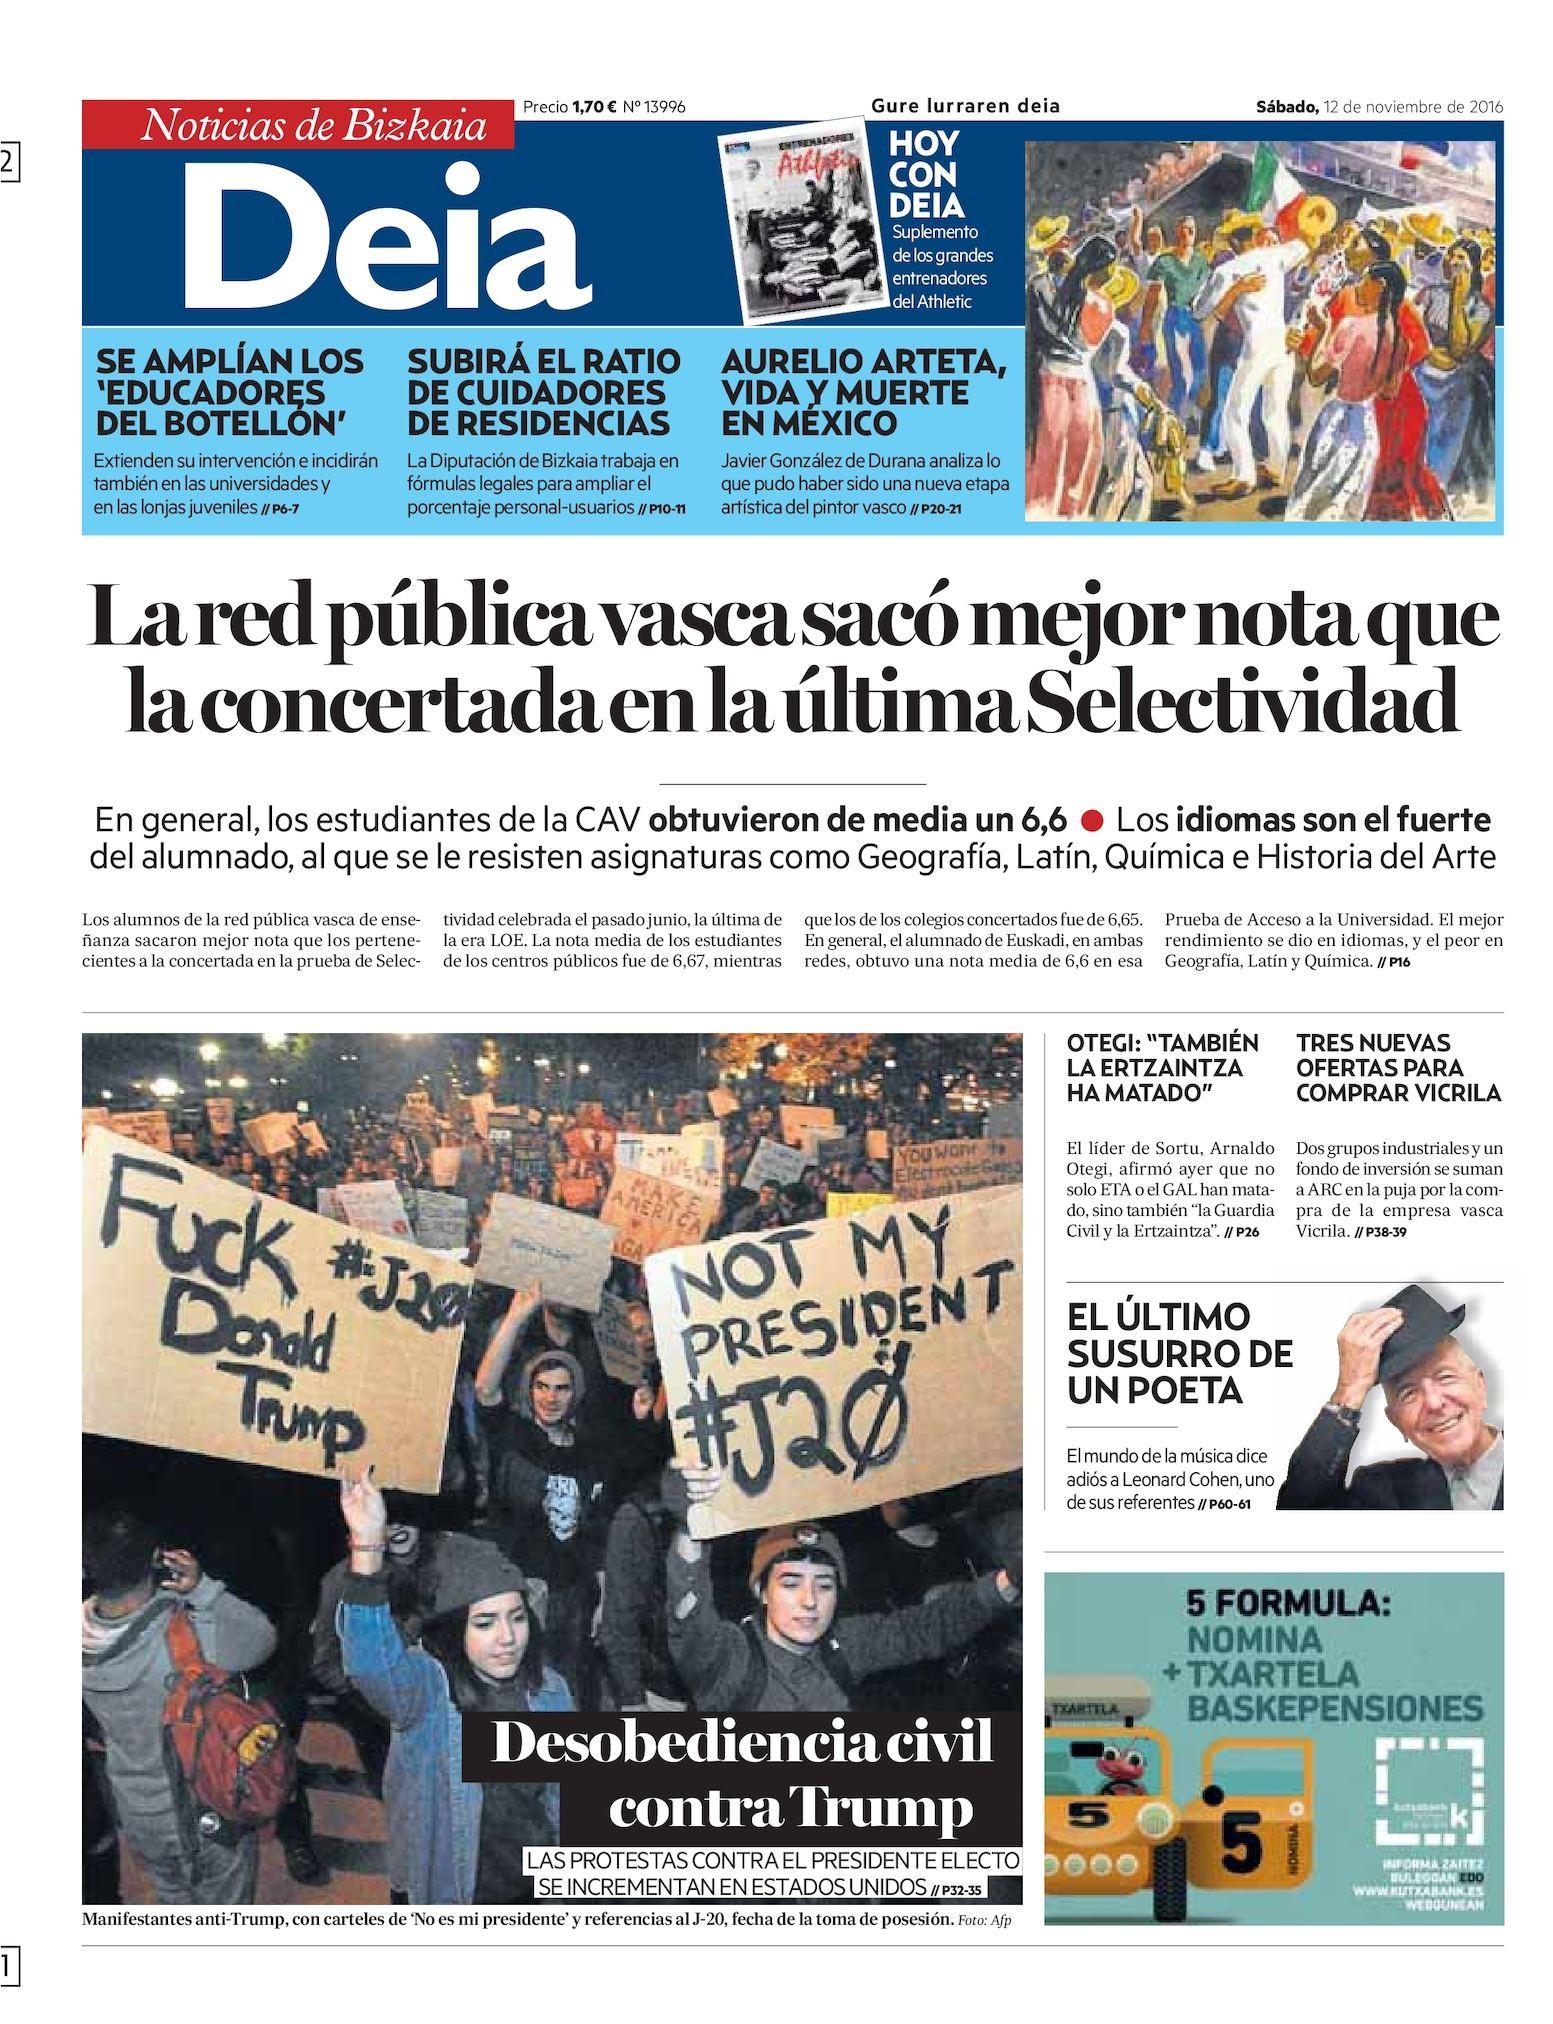 Calendario 2020 Generalitat De Catalunya Mejores Y Más Novedosos Calaméo Deia Of Calendario 2020 Generalitat De Catalunya Más Recientes Calaméo Decret De Plurilingüisme Ii